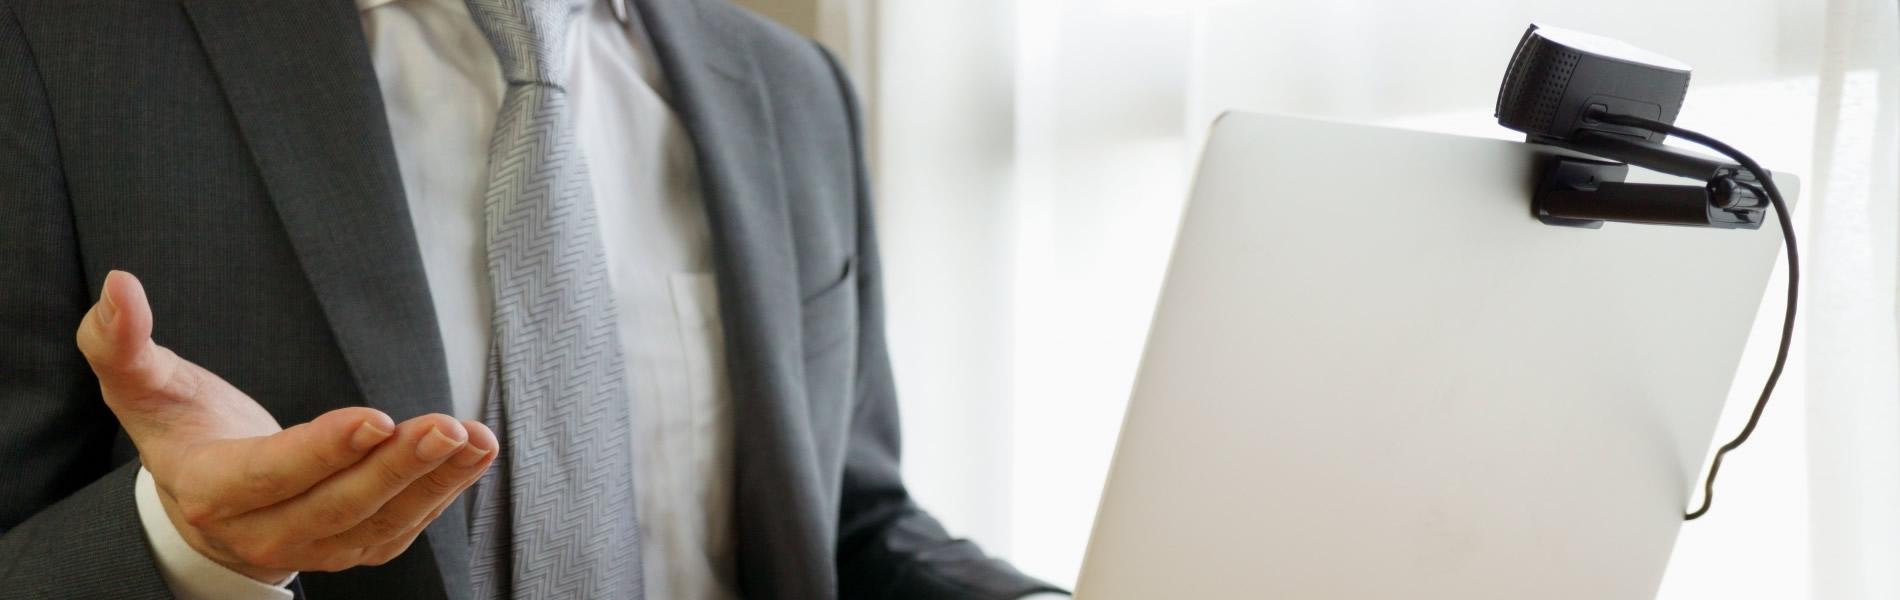 株式会社イーエックス Webマーケティング コンセプト